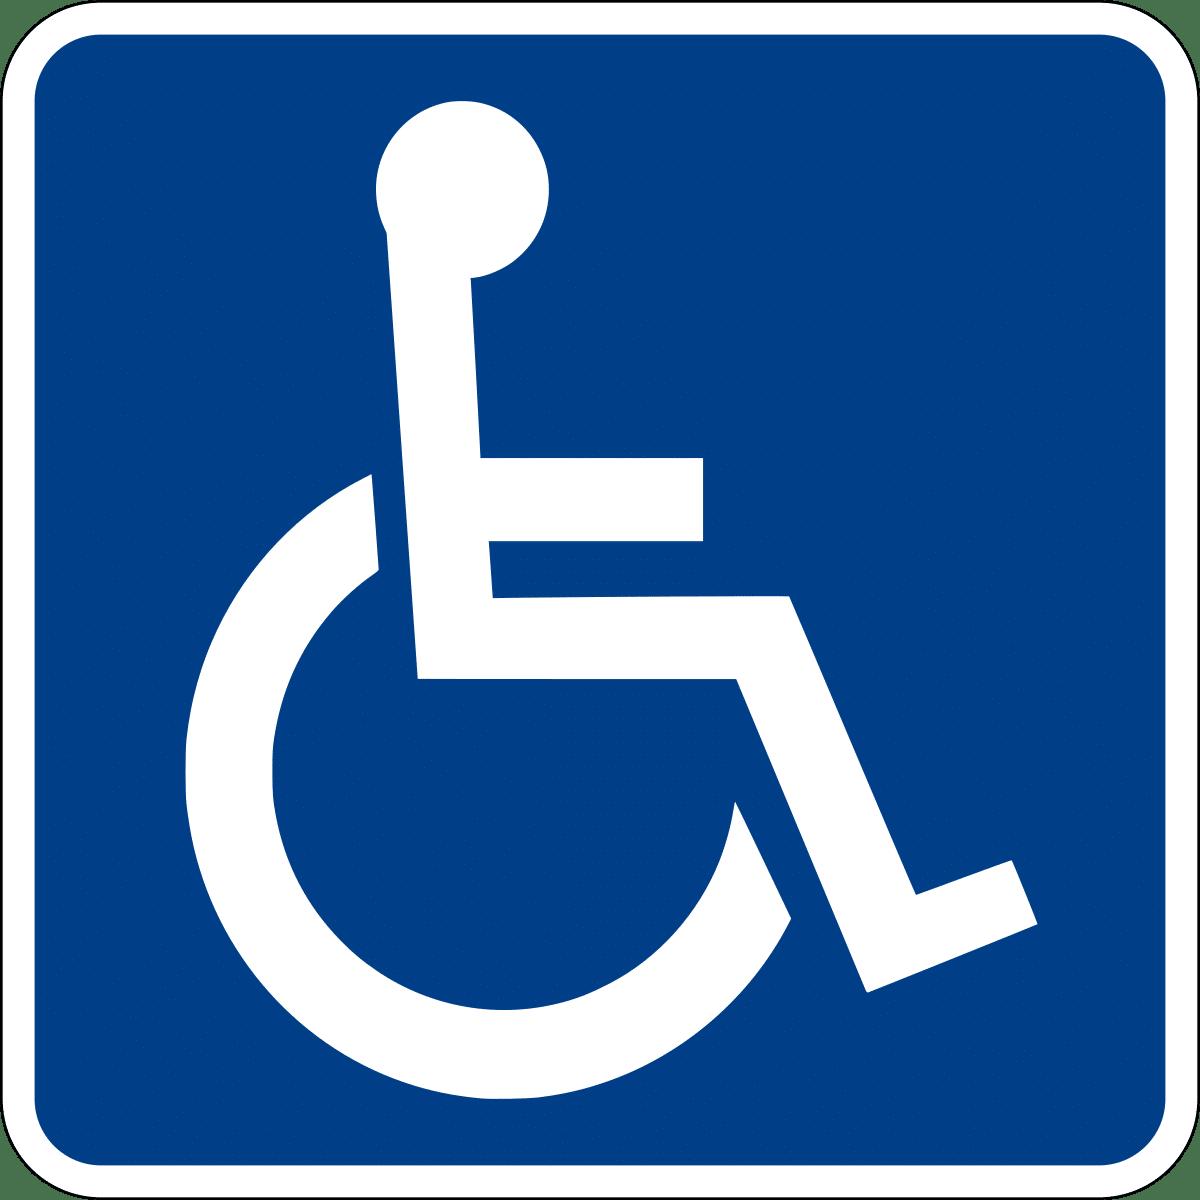 Tarjeta de Minusválido para Aparcamiento por Discapacidad